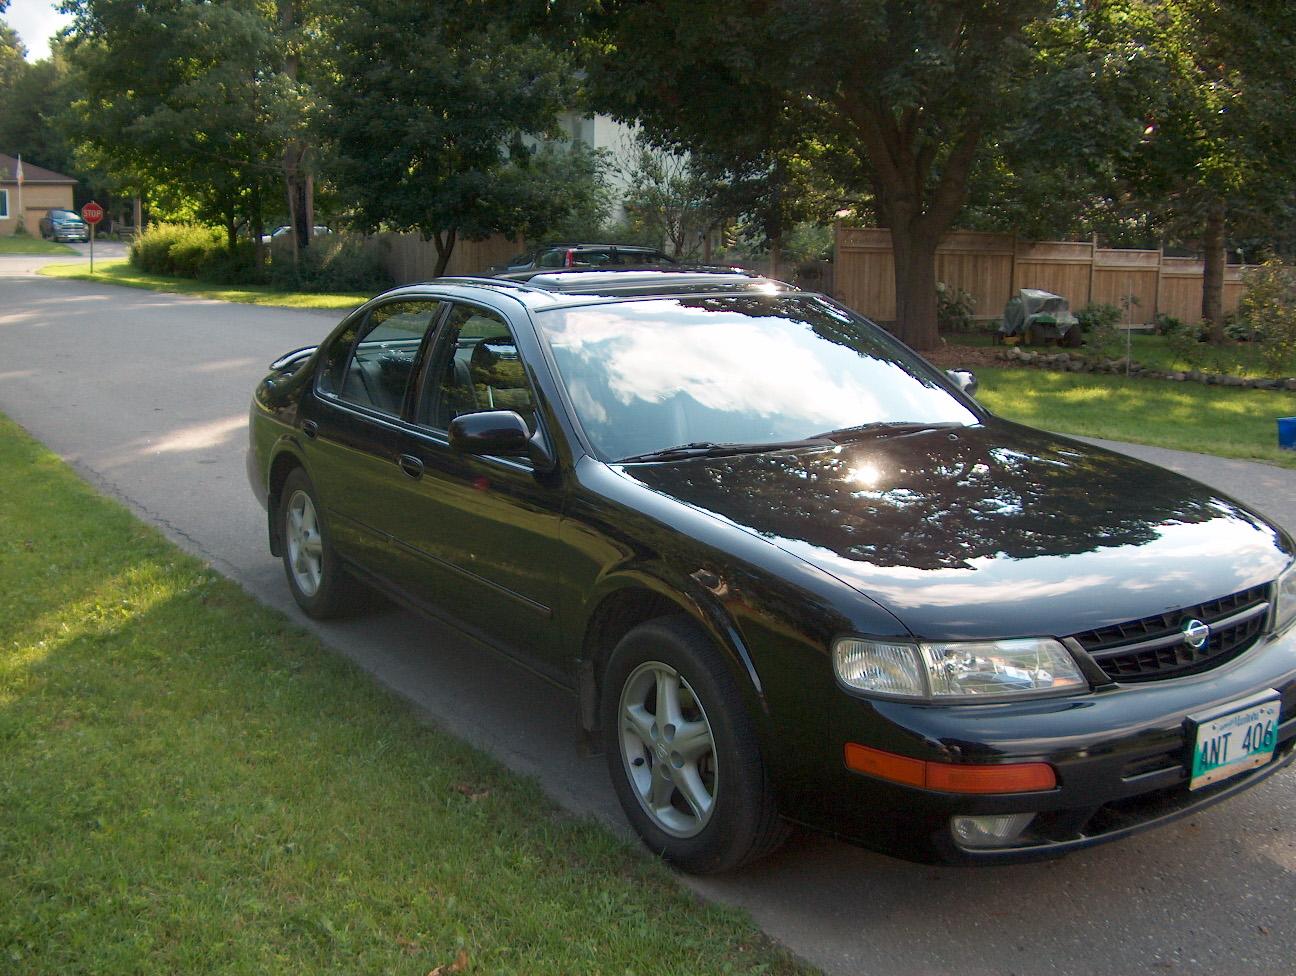 1998 Nissan Maxima - Pictures - CarGurus